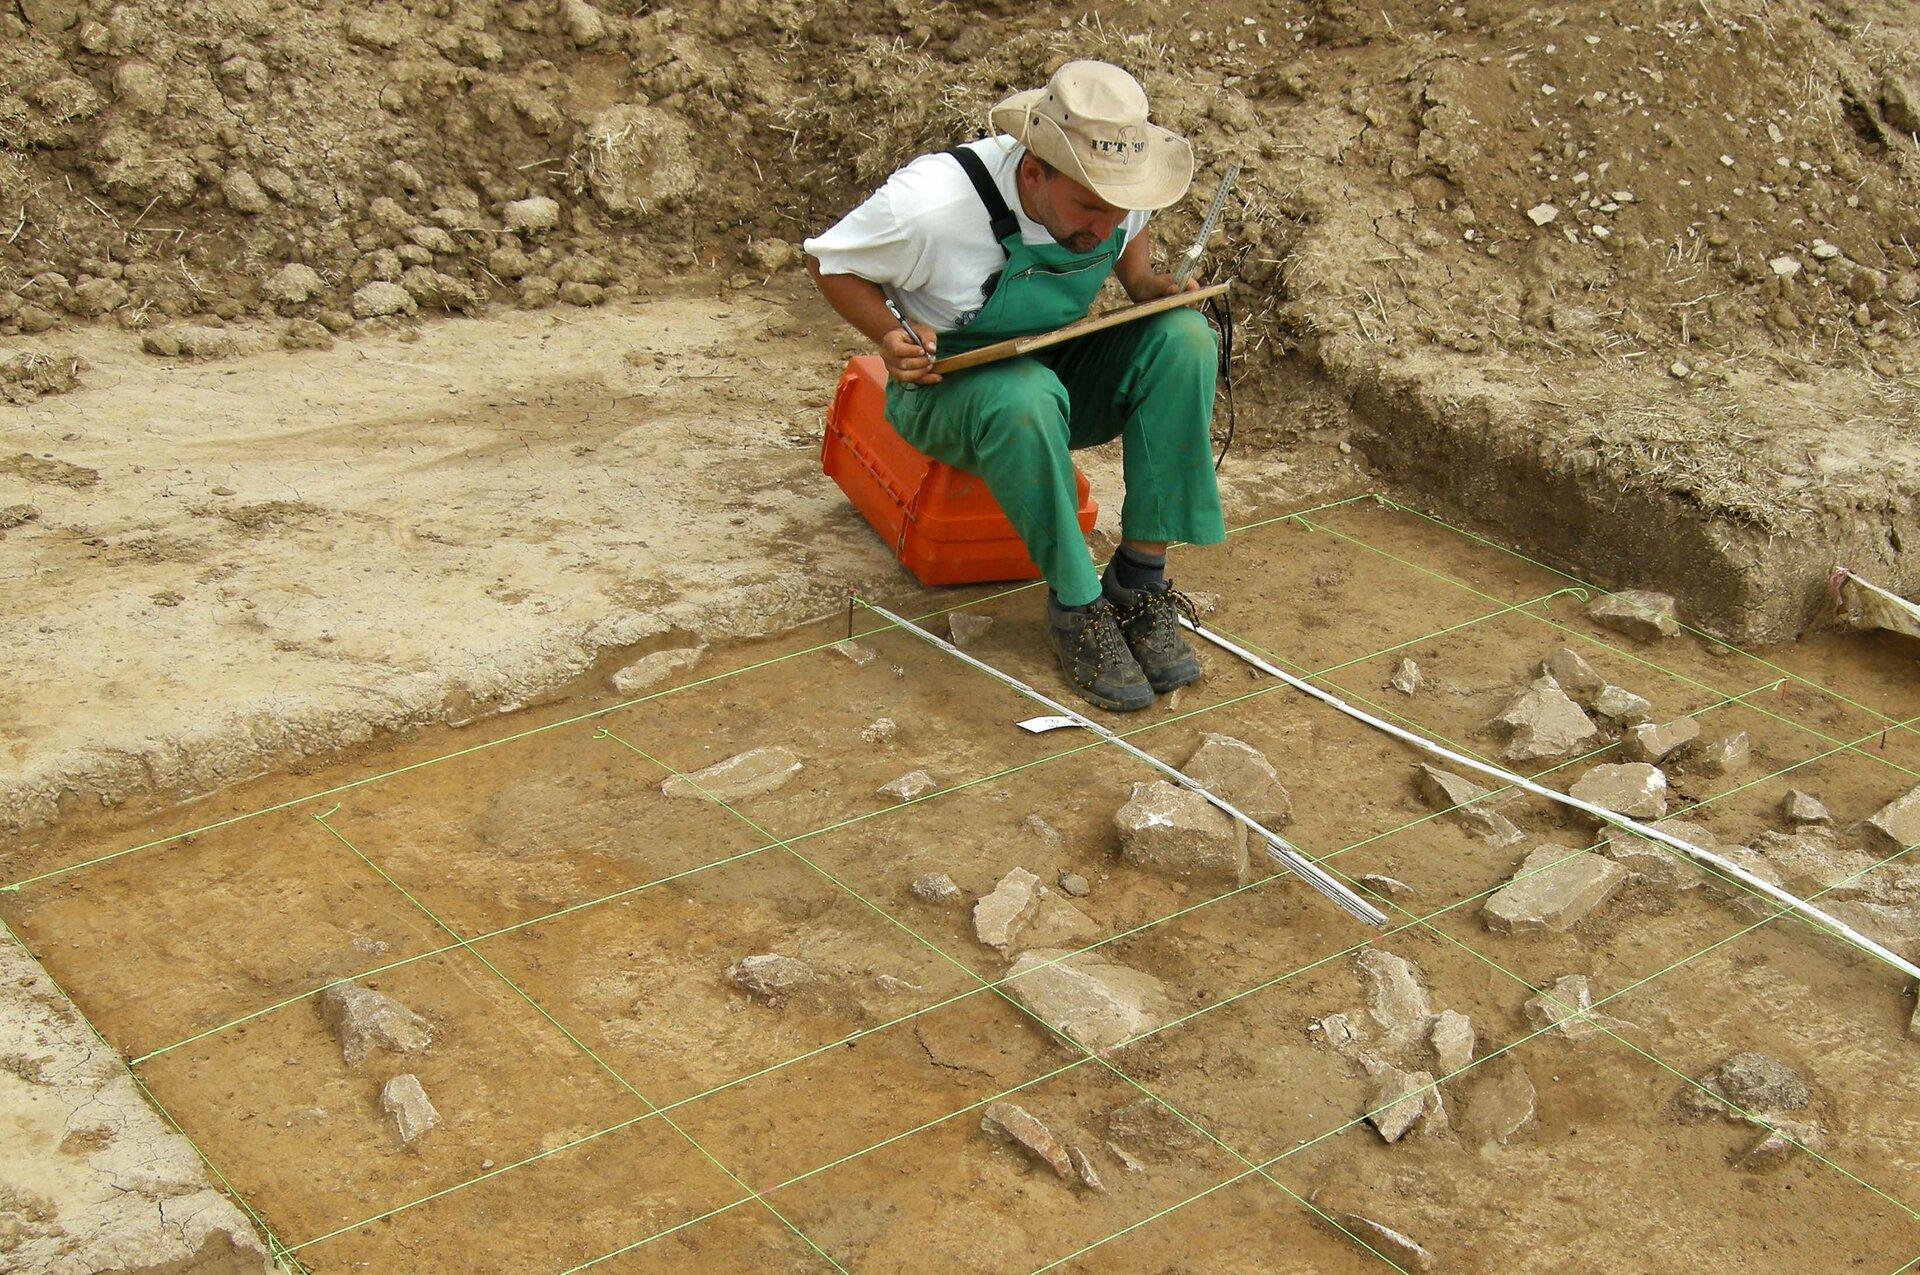 Praca archeologa Praca archeologa Źródło: Akinne, Wikimedia Commons, licencja: CC BY-SA 3.0.